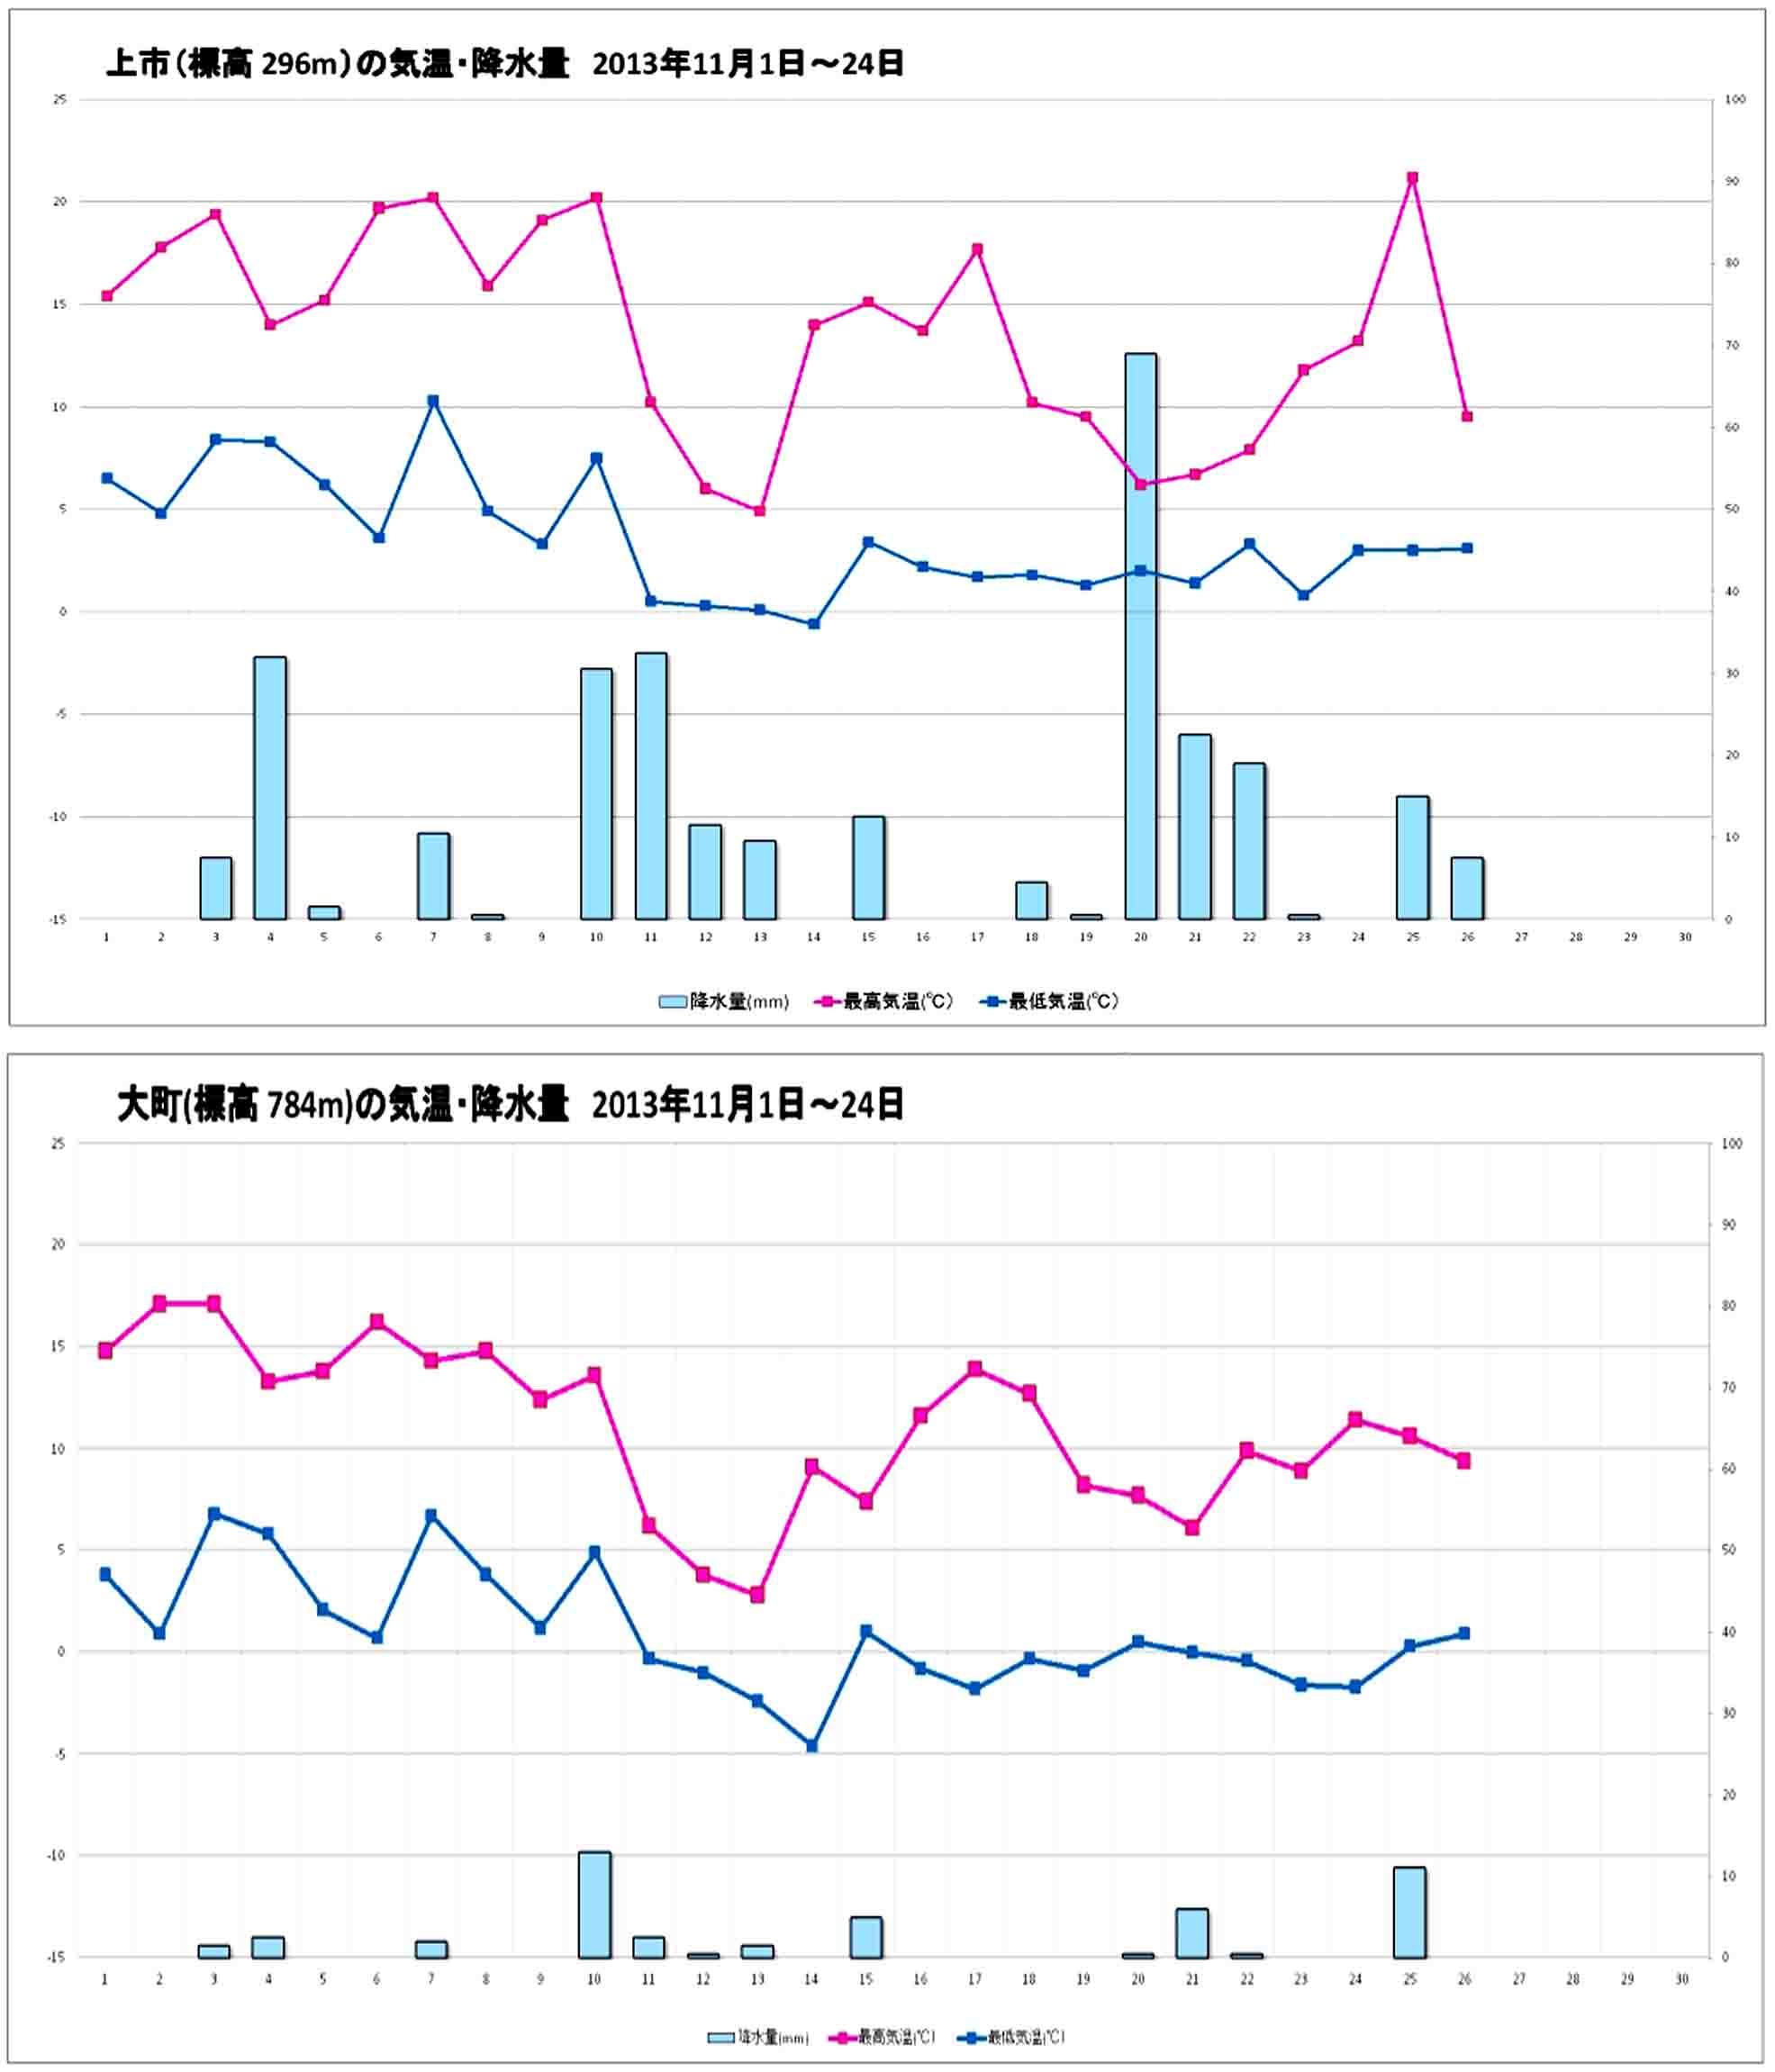 アメダスデータ(上市、大町)からつくる降水量と気温グラフ